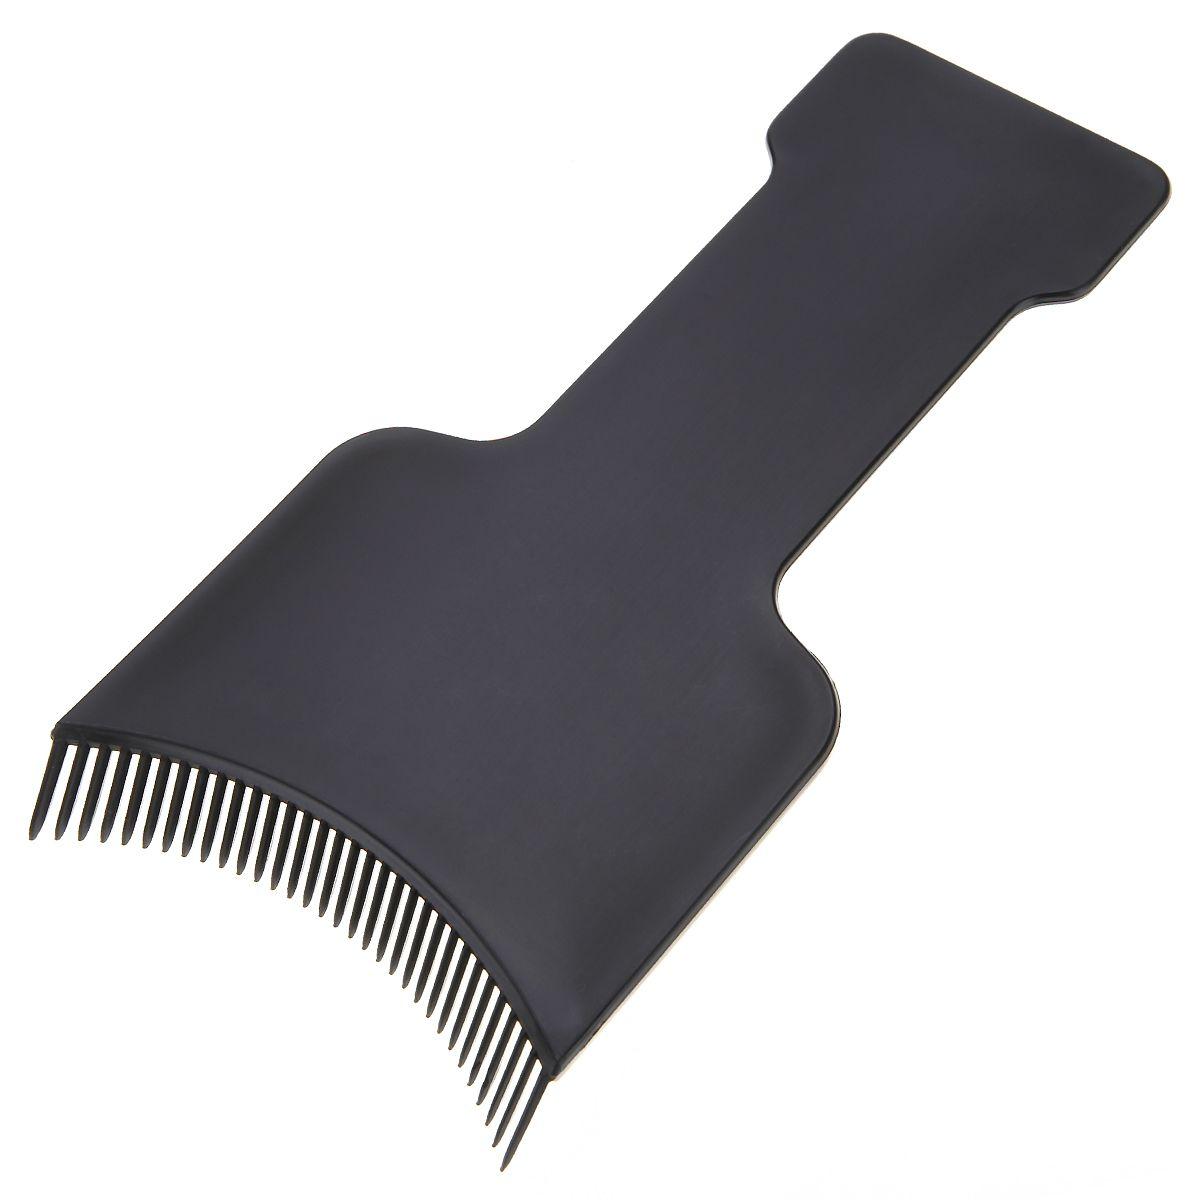 Profesional salon rambut mewarnai dye diy warna pencelupan sikat sisir tint hairdressing styling alat untuk pribadi